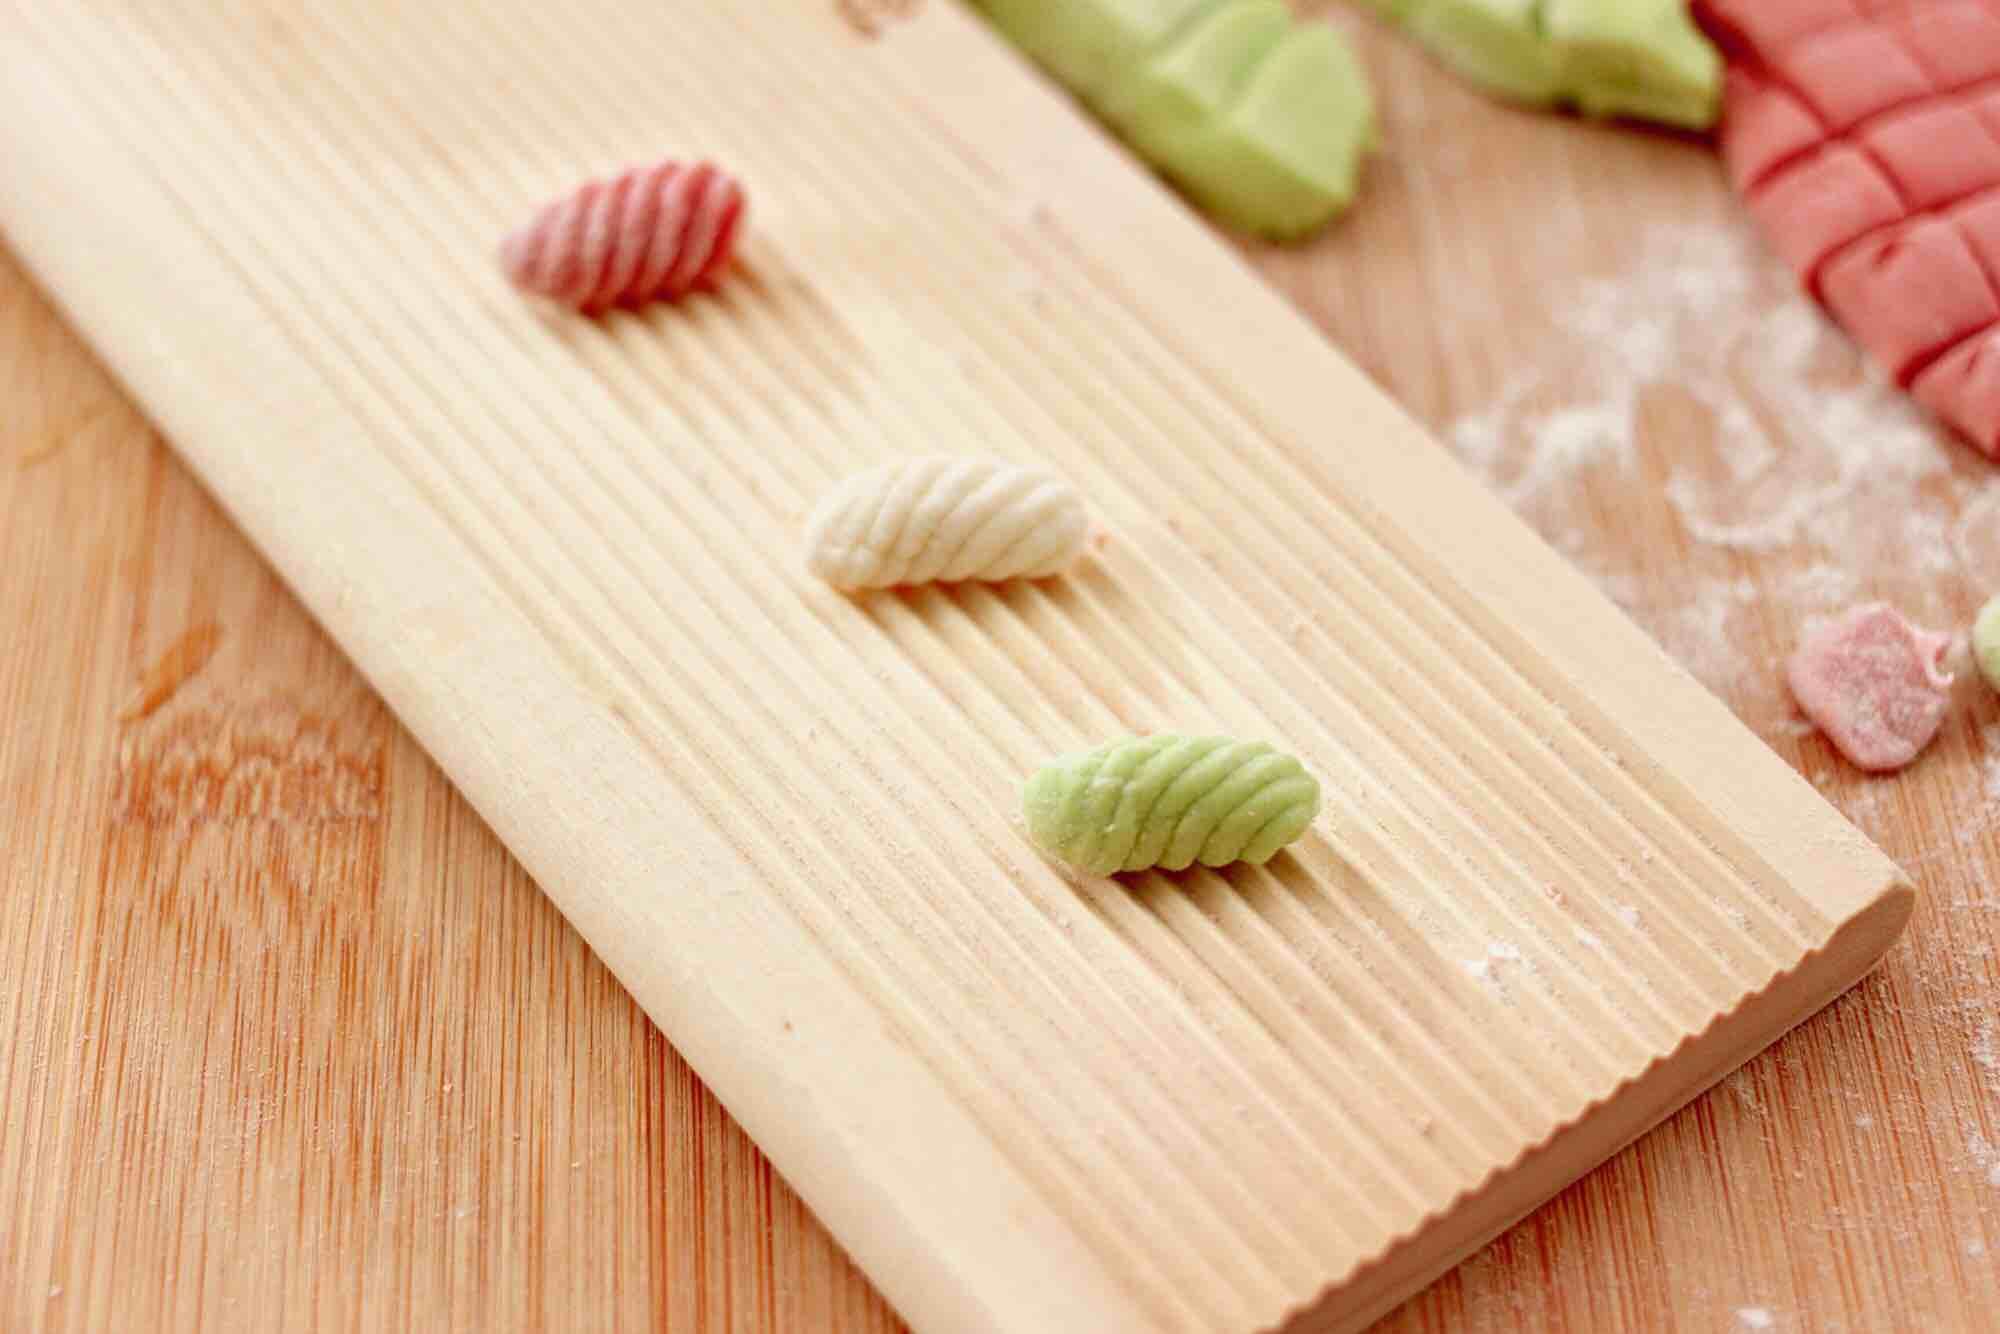 鹅蛋番茄时蔬彩色贝壳面怎样煮